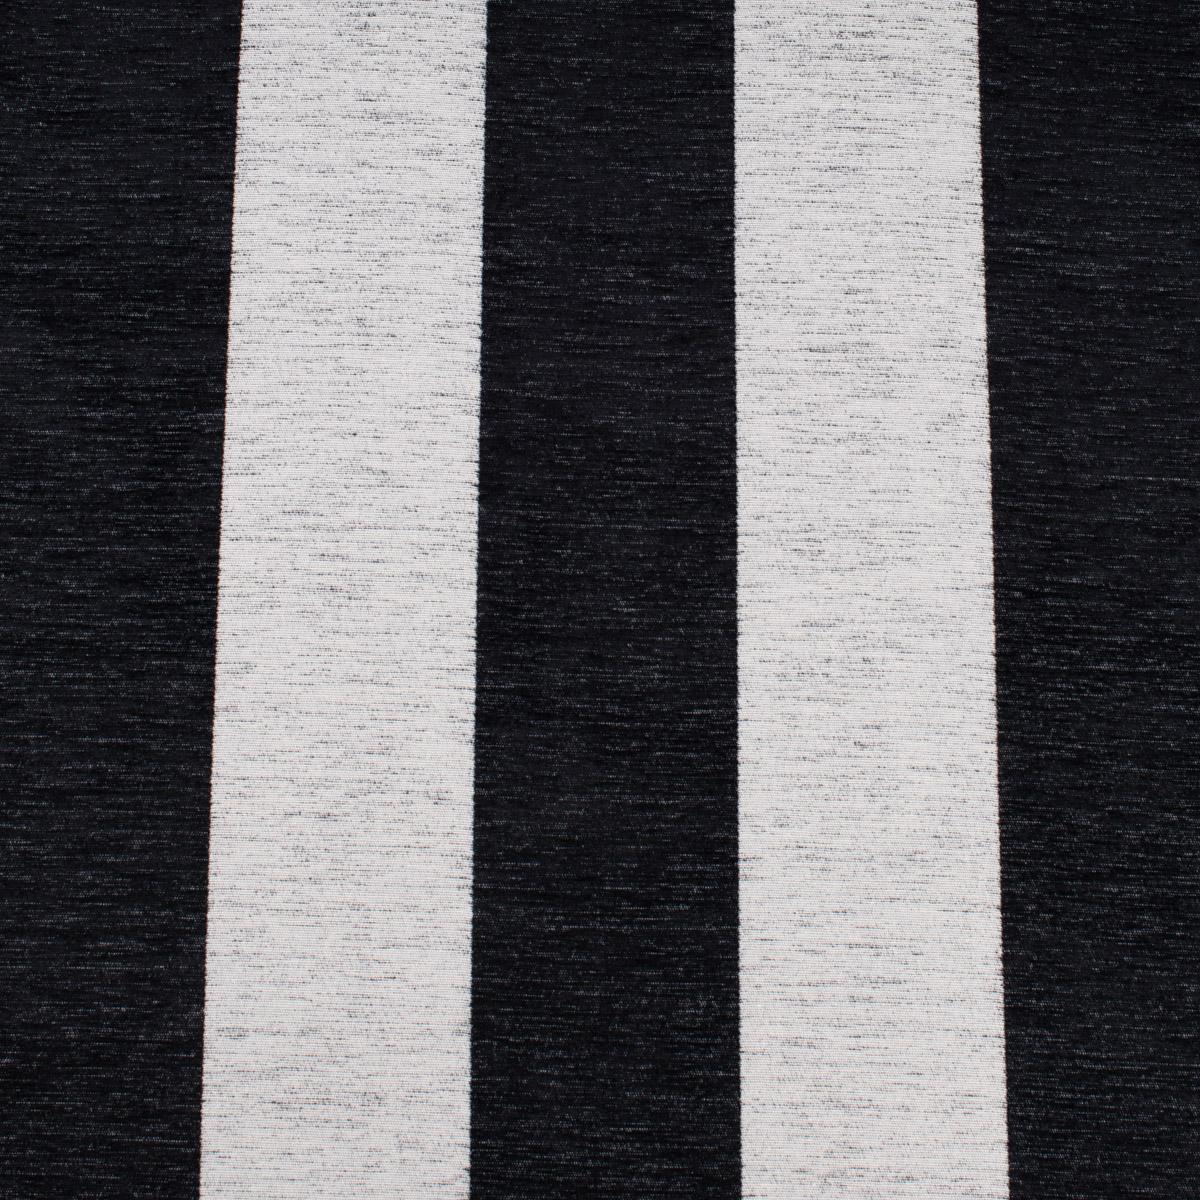 Dekostoff Jacquard Chenille Deluxe Streifen 9cm schwarz weiß 1,4m Breite